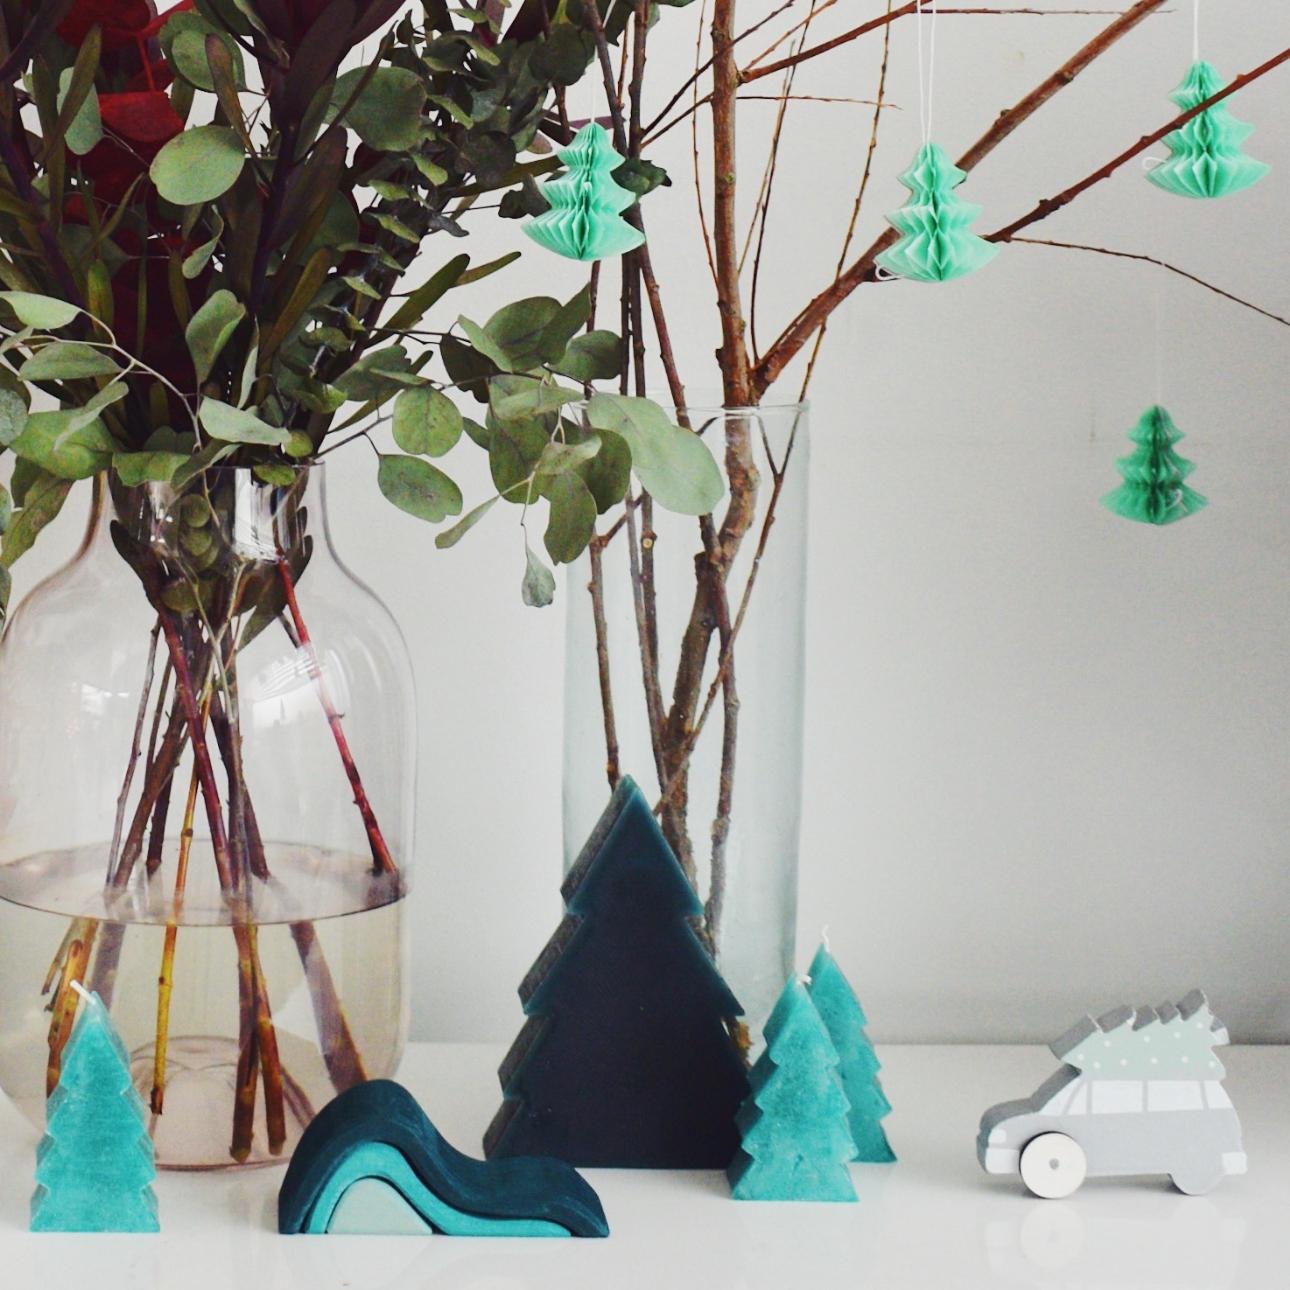 kersthuis 2018 kerstboom kaarsen